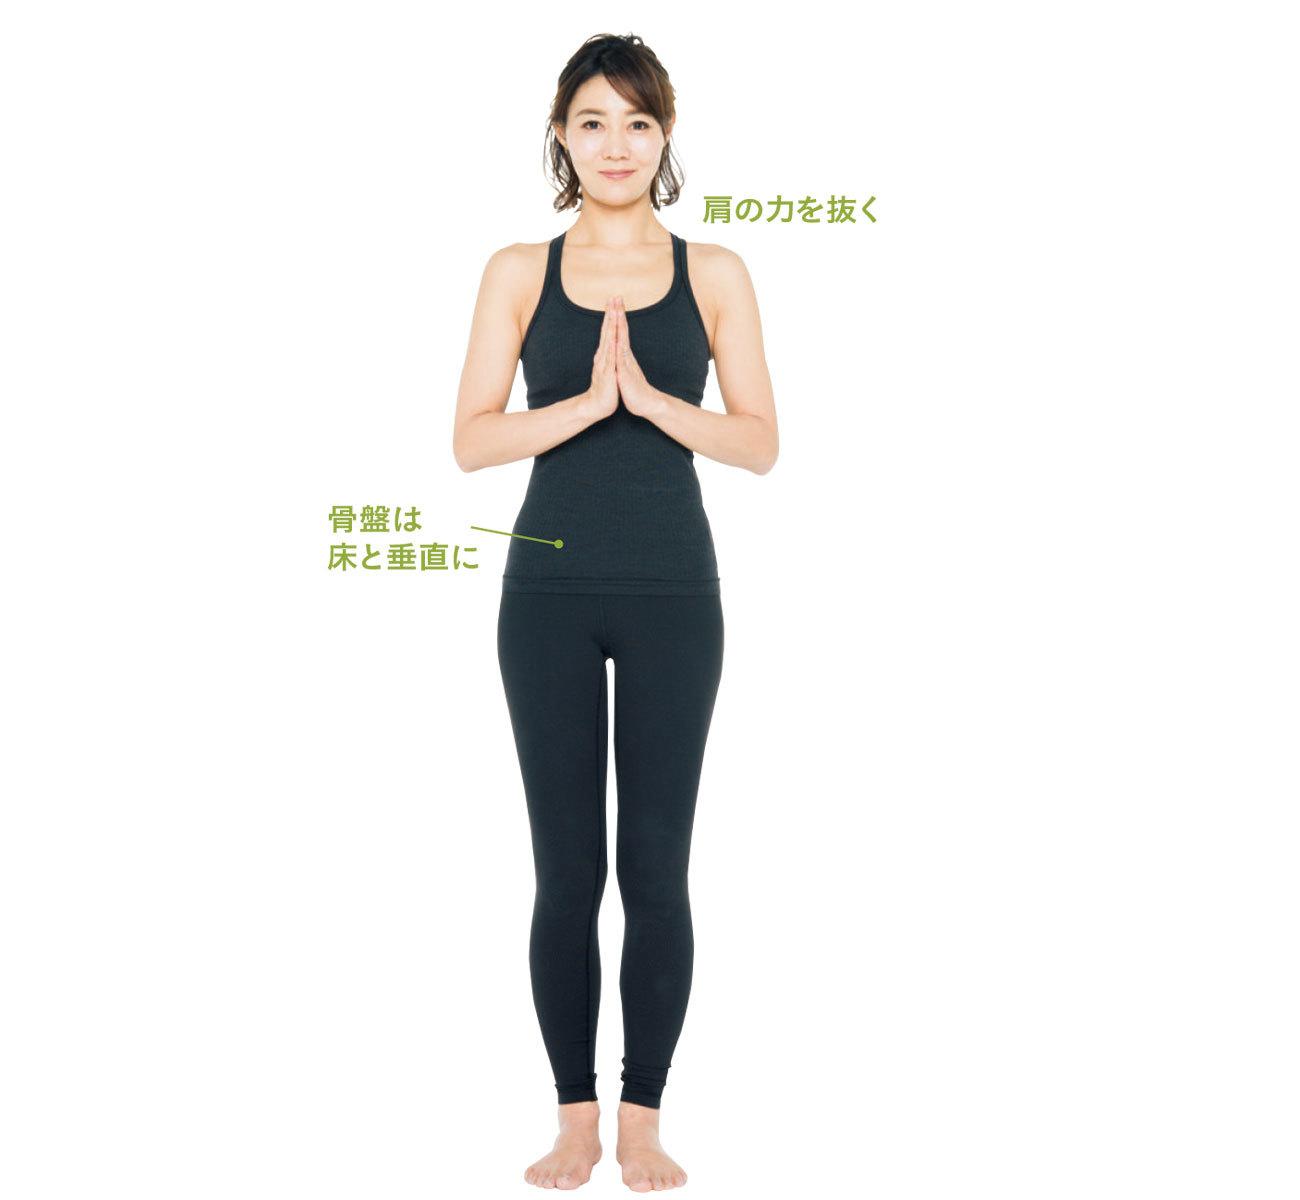 膣締めトレーニング_上級編1